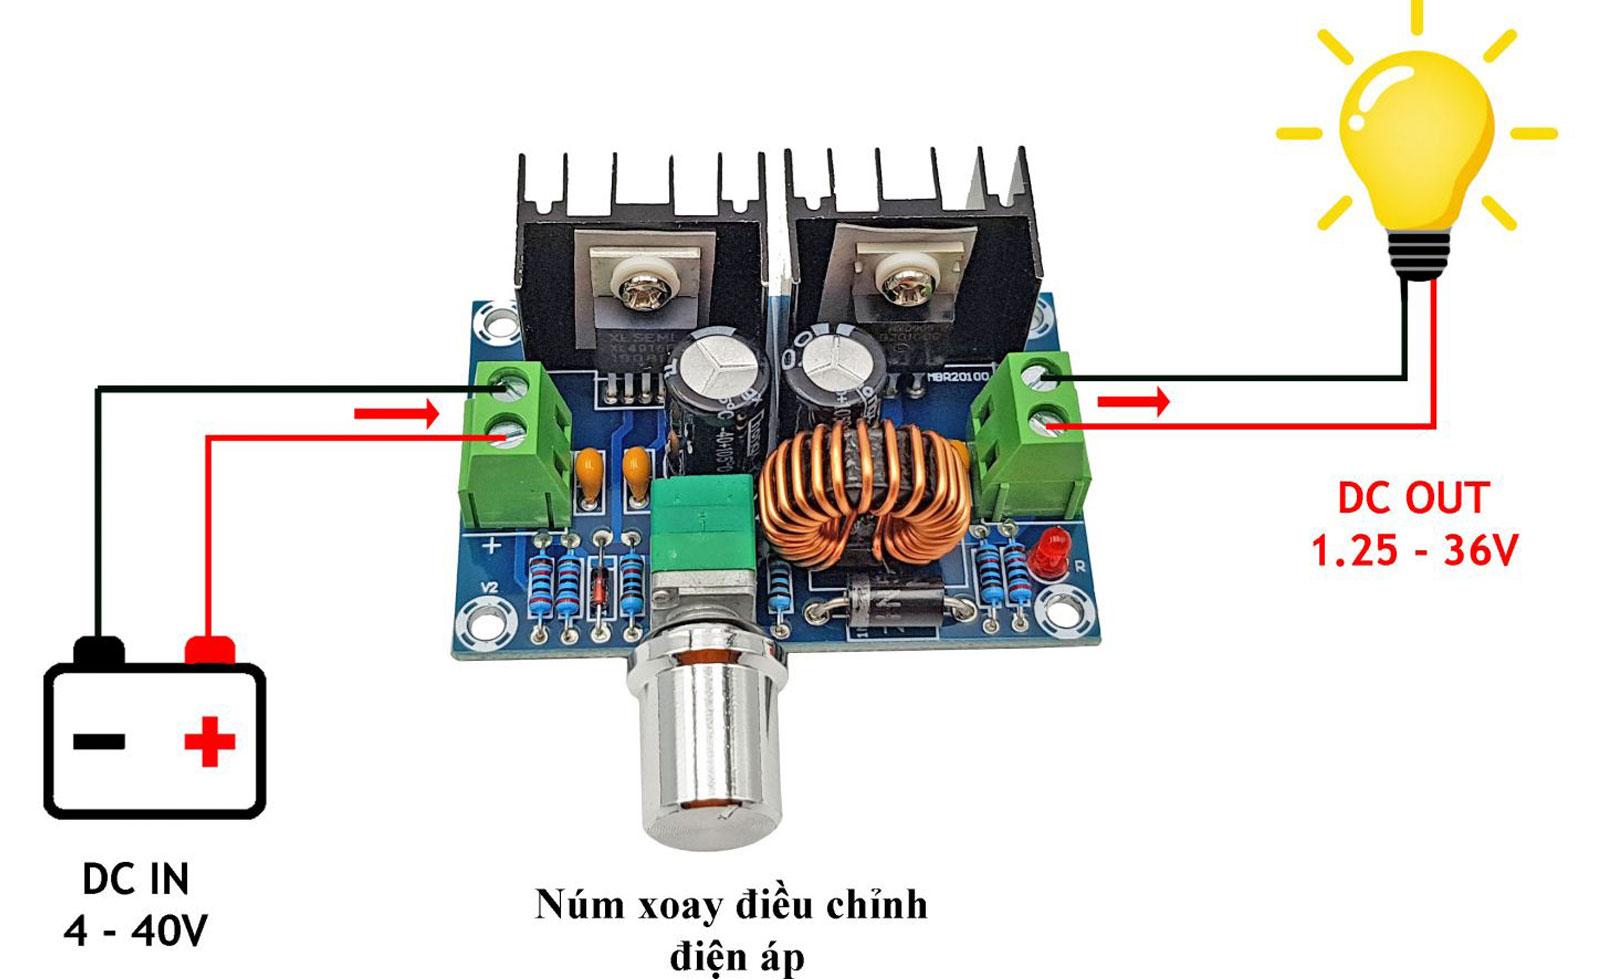 Sơ đồ kết nối Mạch Giảm Áp XL4016E1 8A